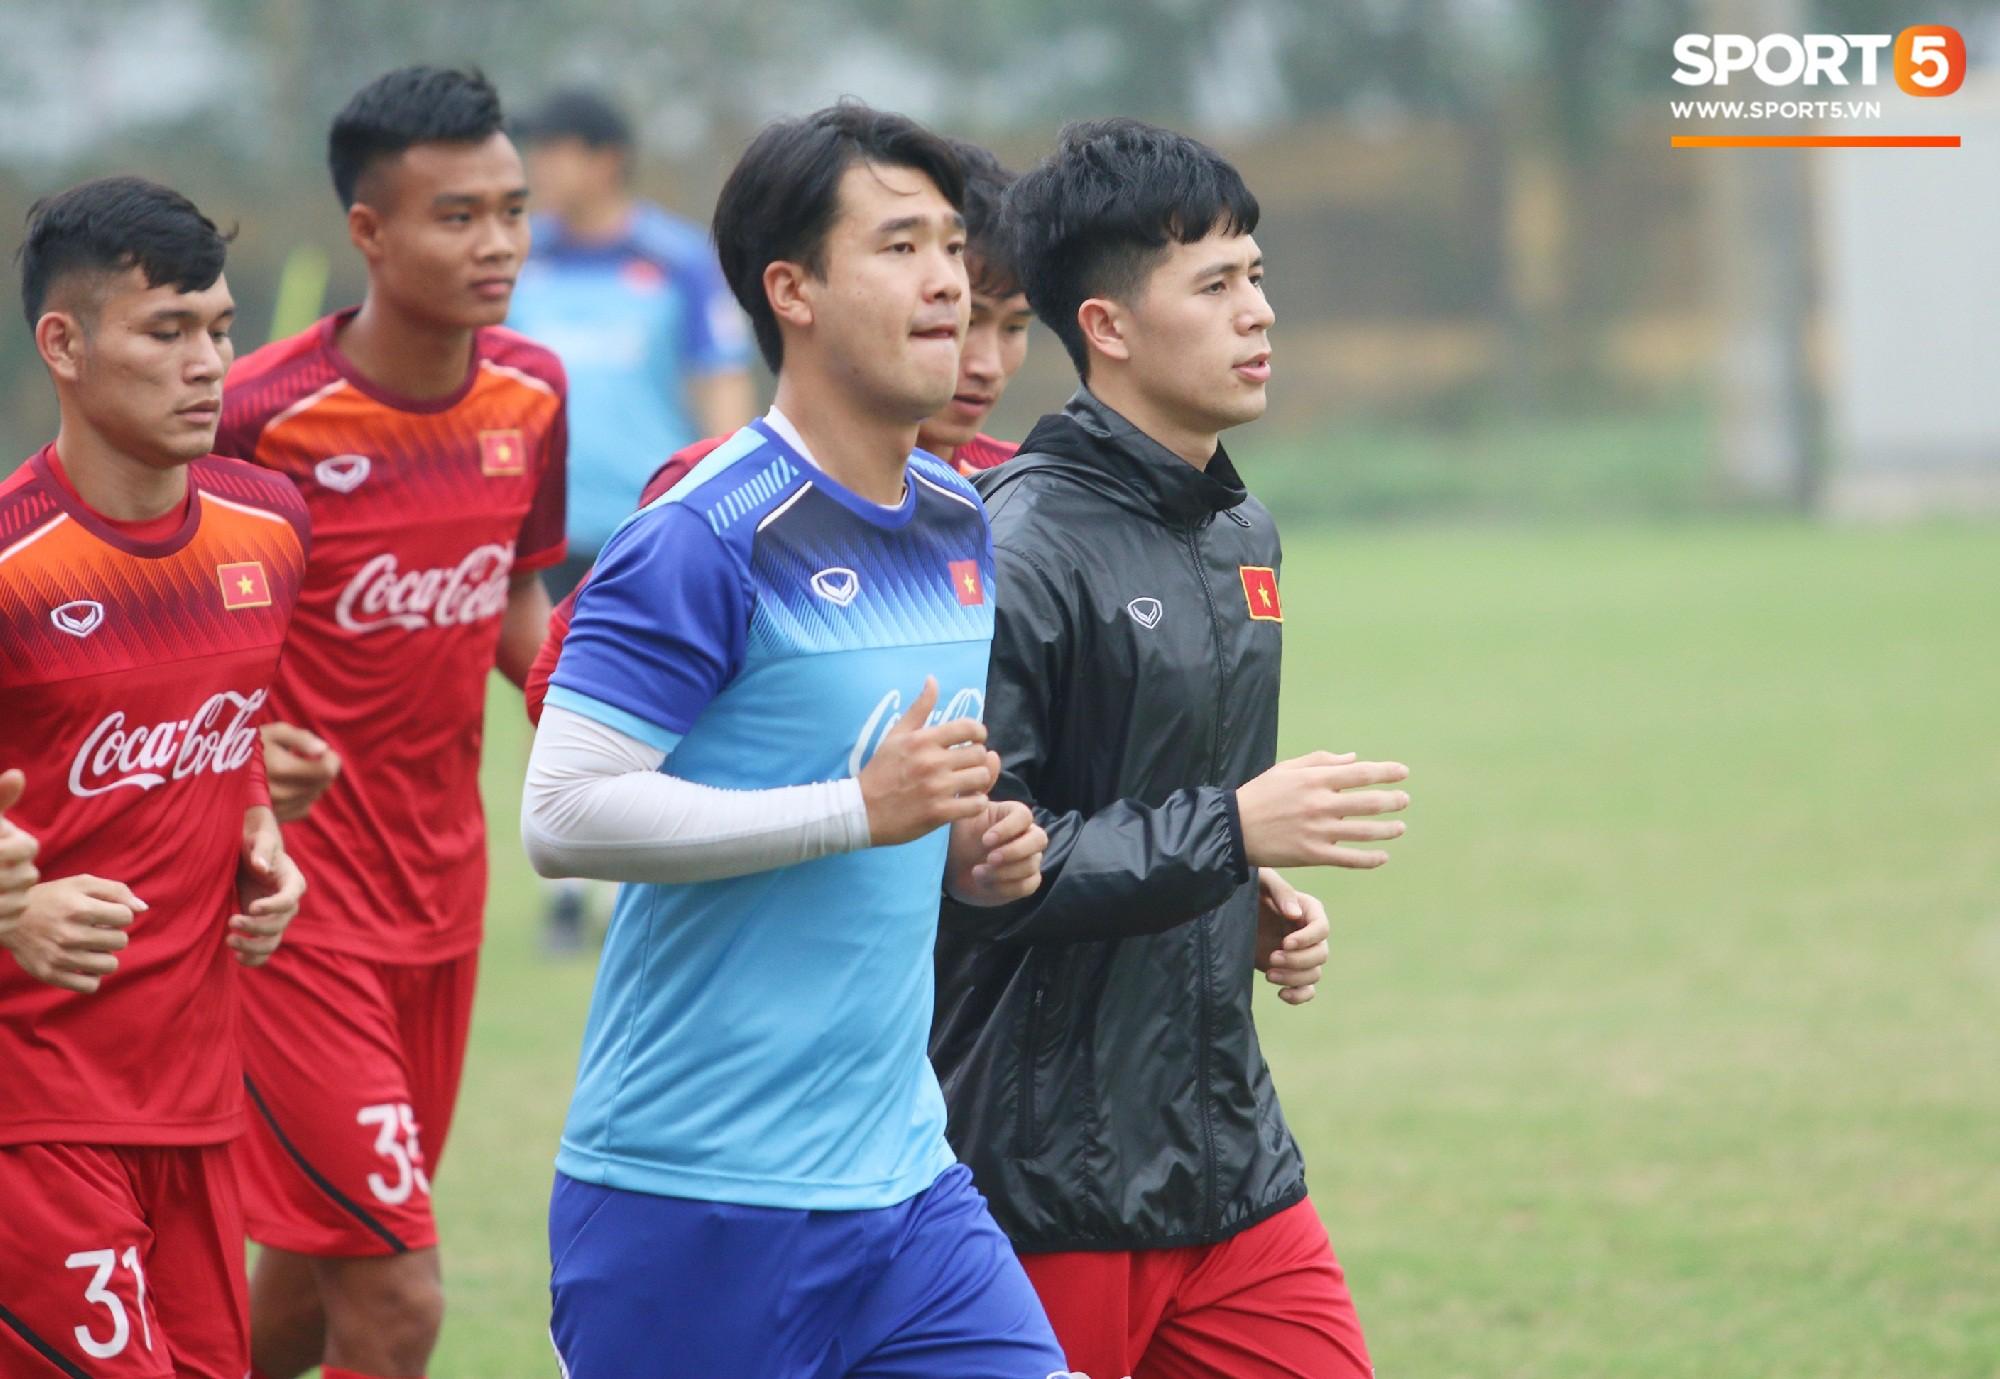 Đình Trọng được thầy Lee Young-jin bổ túc riêng, đẩy nhanh quá trình giảm cân - Ảnh 5.